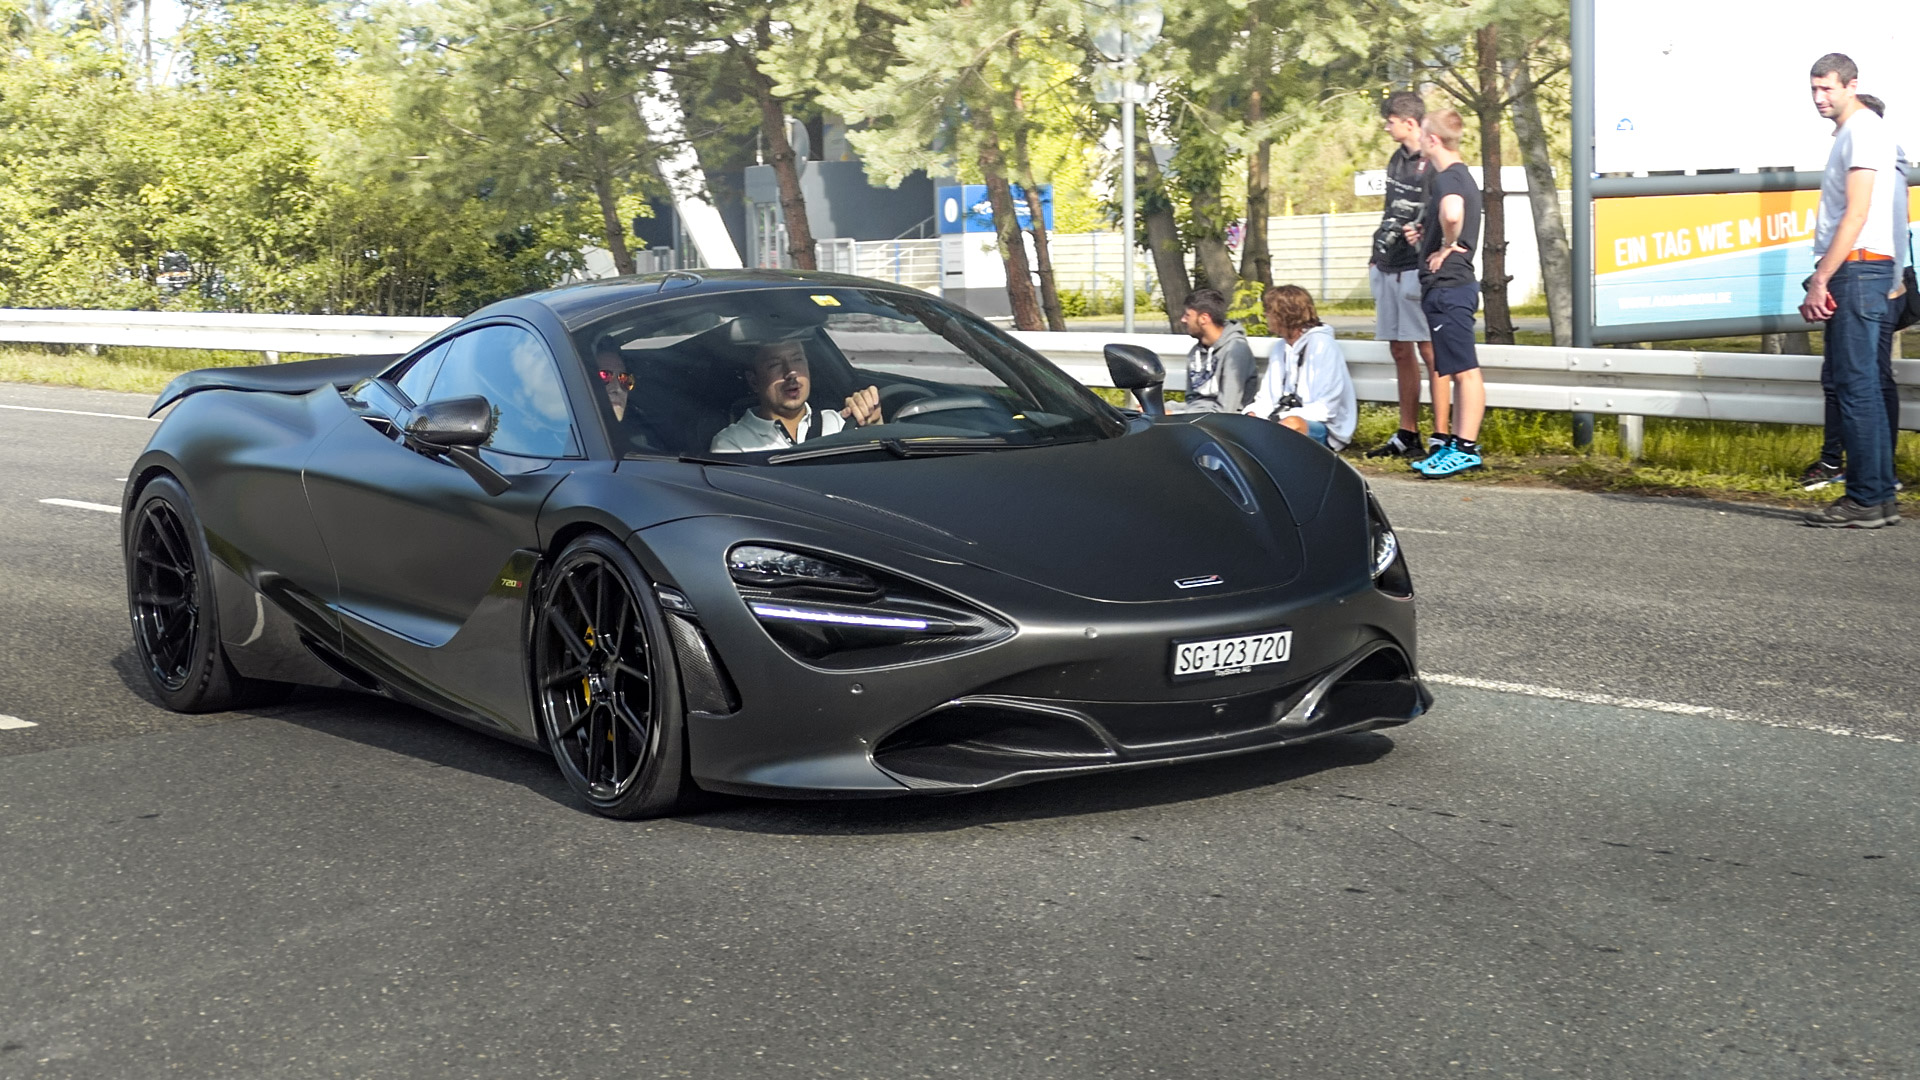 McLaren 720S - SG-123720 (CH)